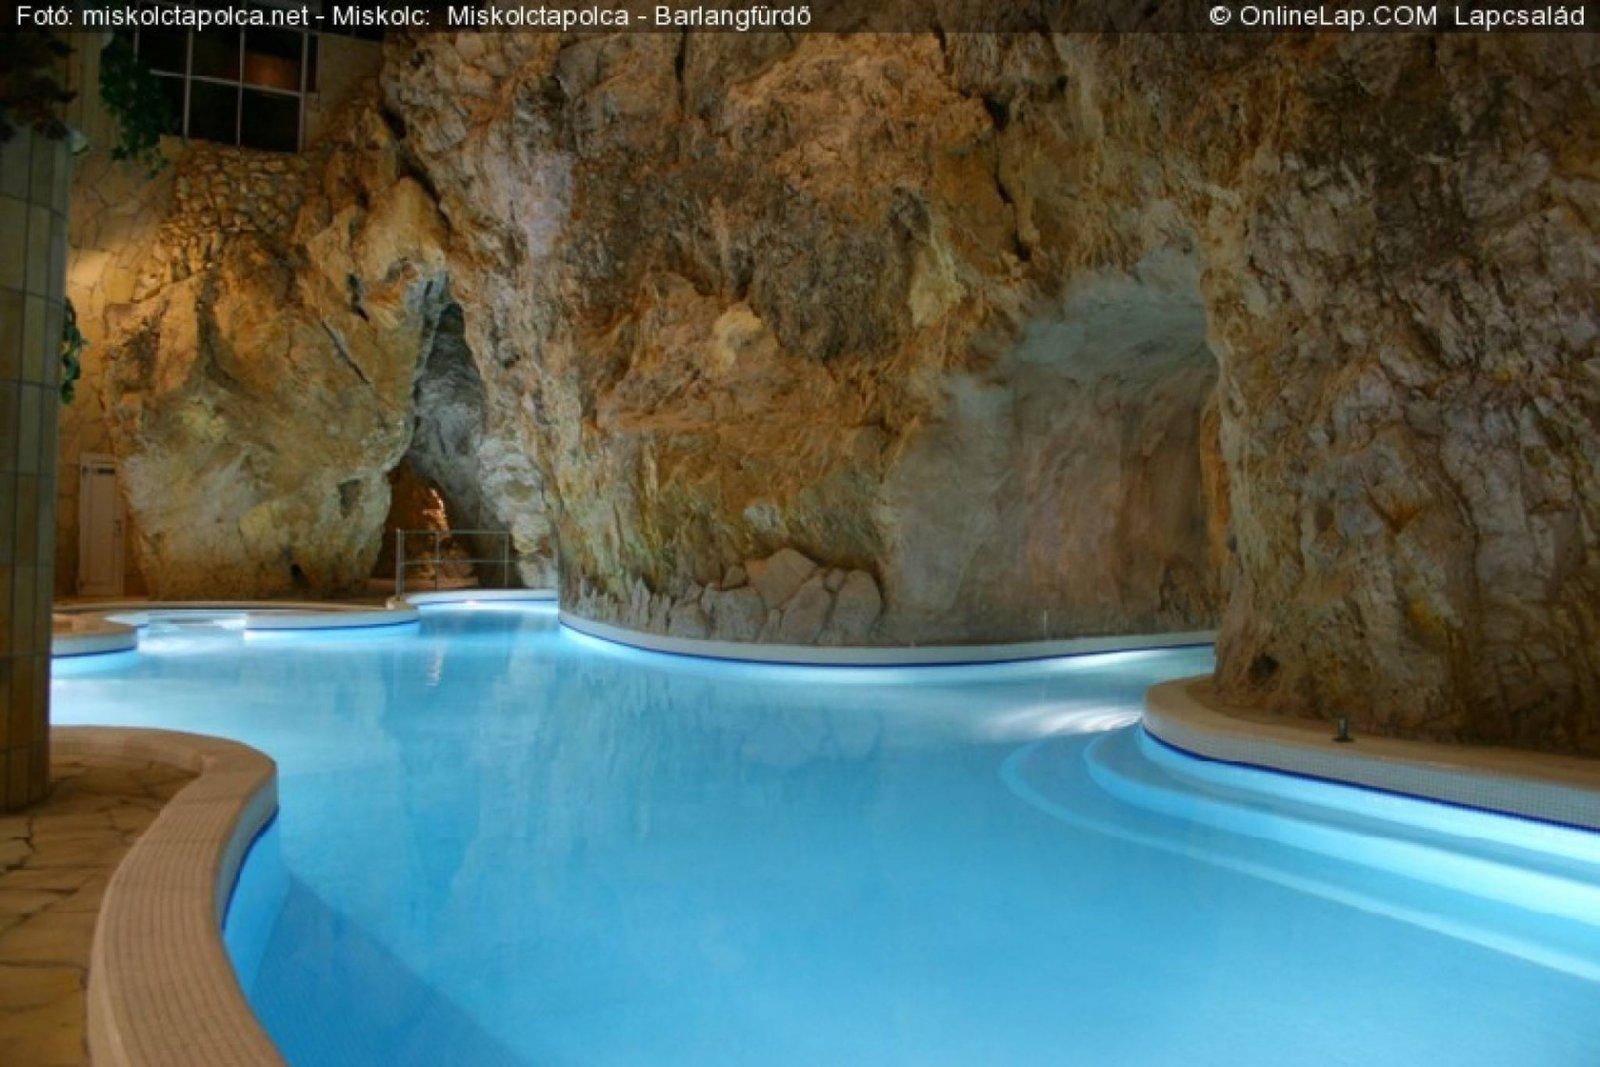 Пещерные термальные купальни в Мишкольц-Тапольце